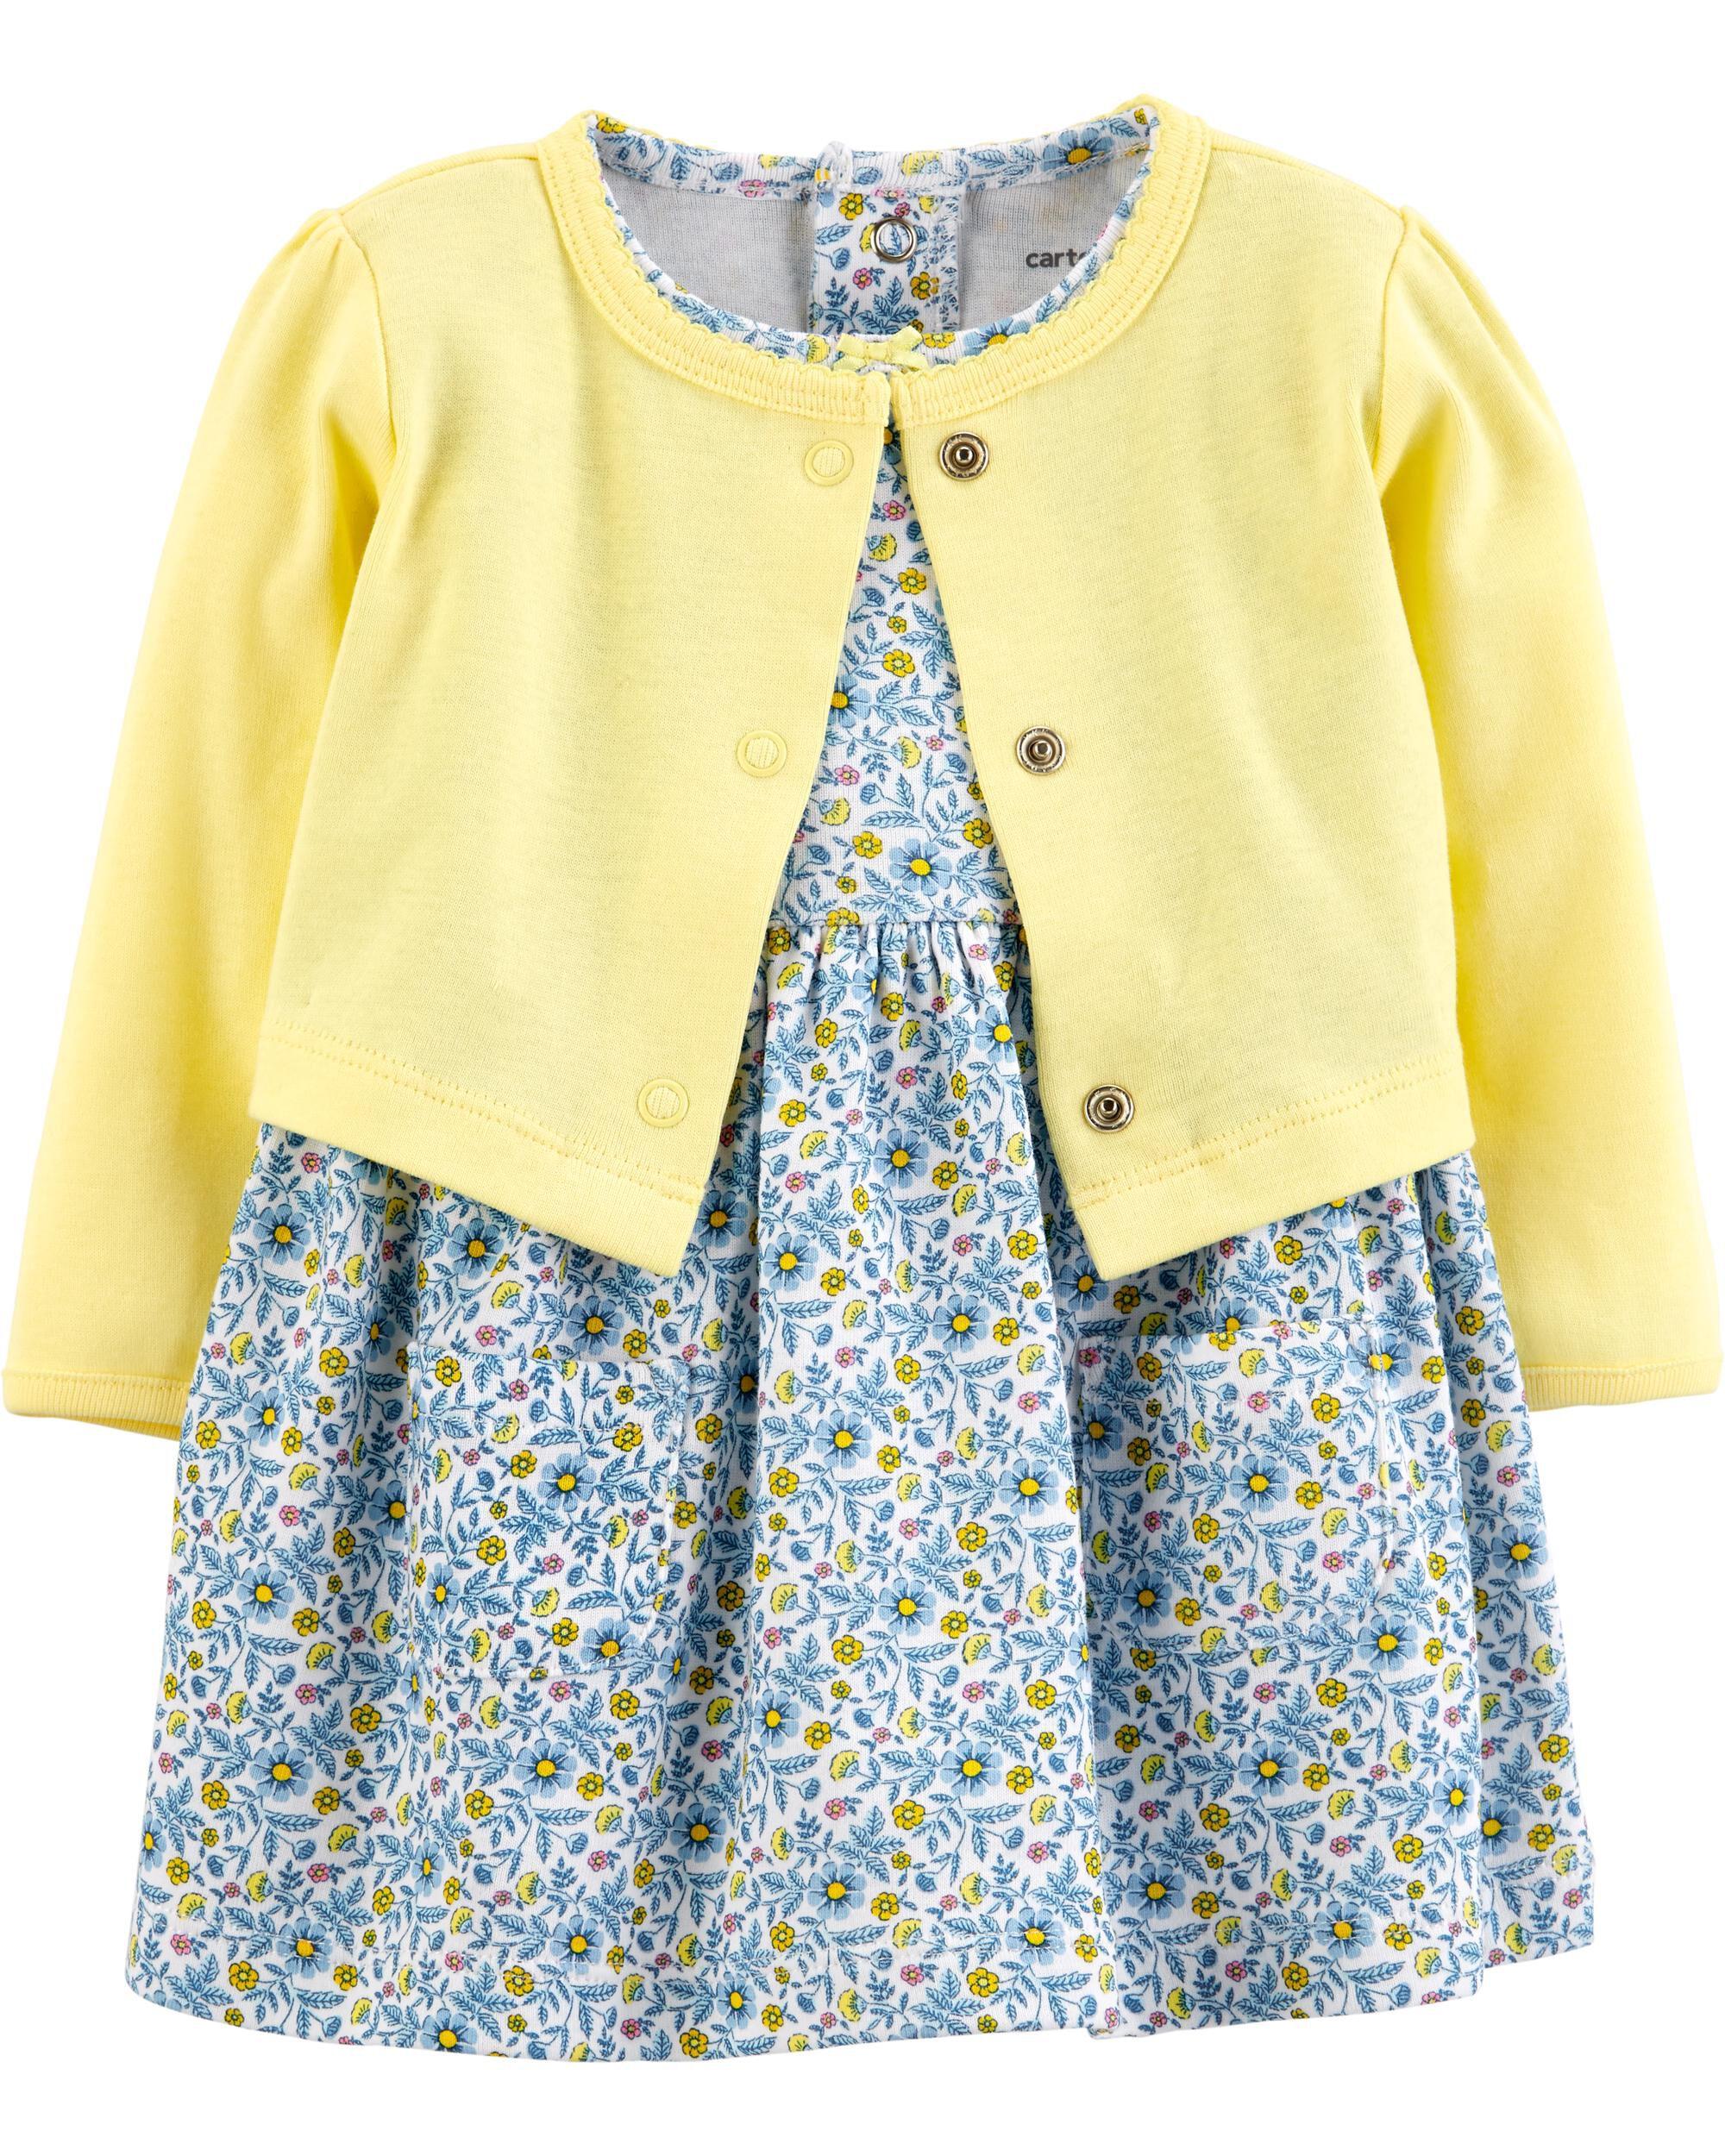 34cd25a7d1e 2-Piece Floral Bodysuit Dress   Cardigan Set